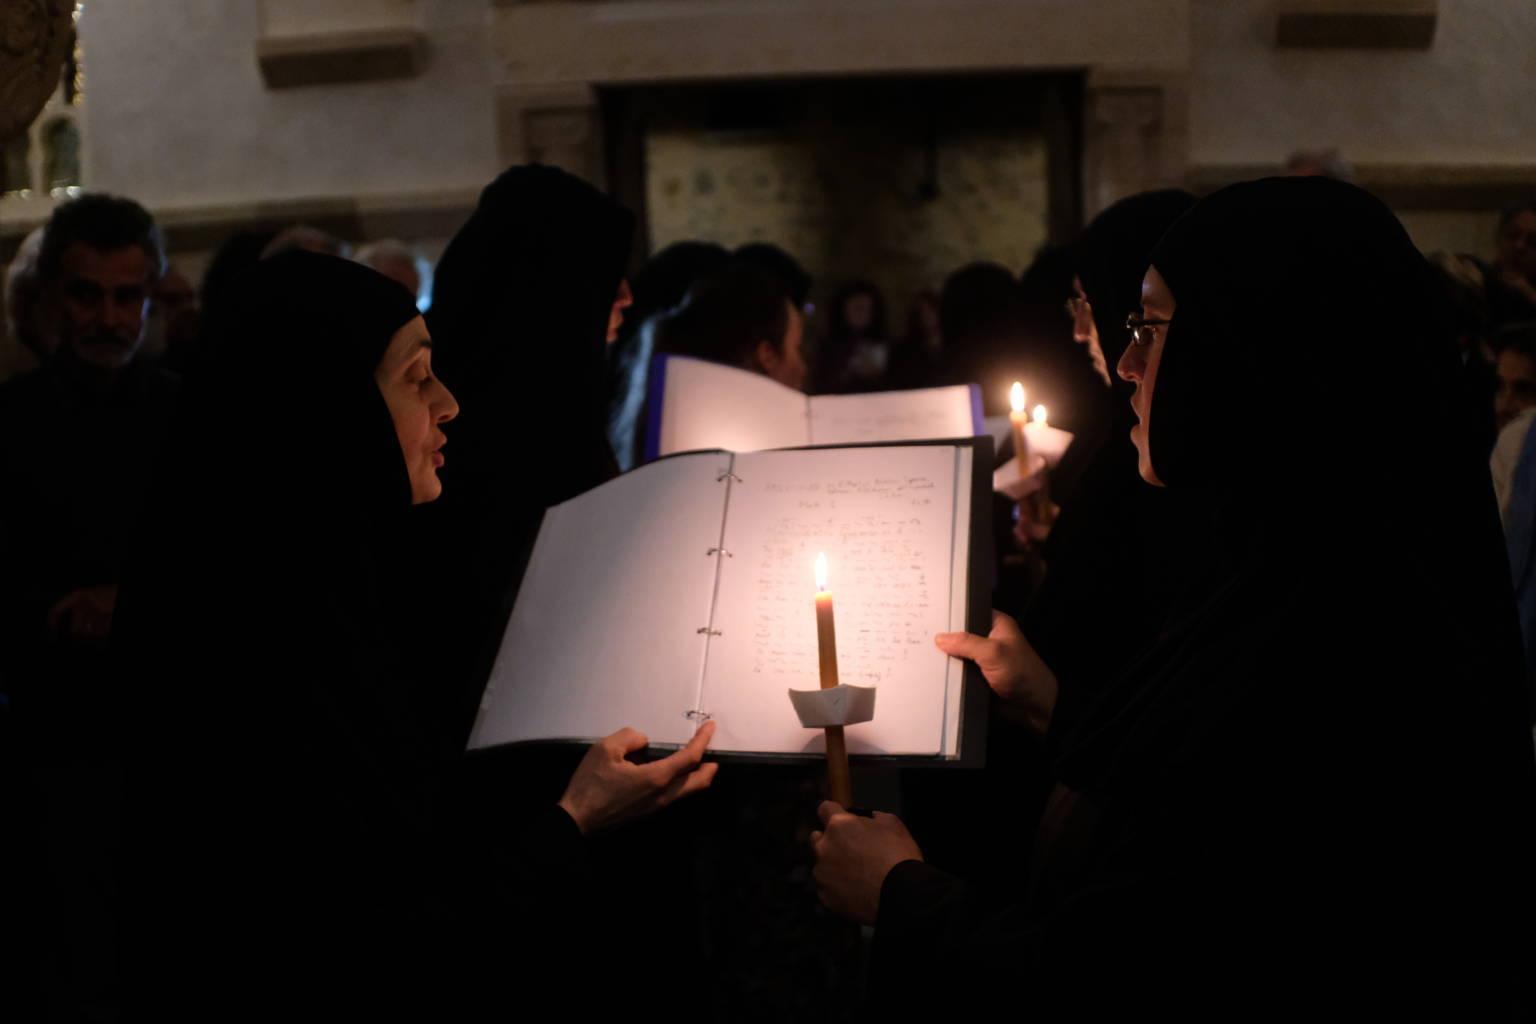 12 10 2019 51 - Λαμπρά εγκαίνια του Καθολικού της Ι. Μονής Αγίας Σκέπης Σολάν